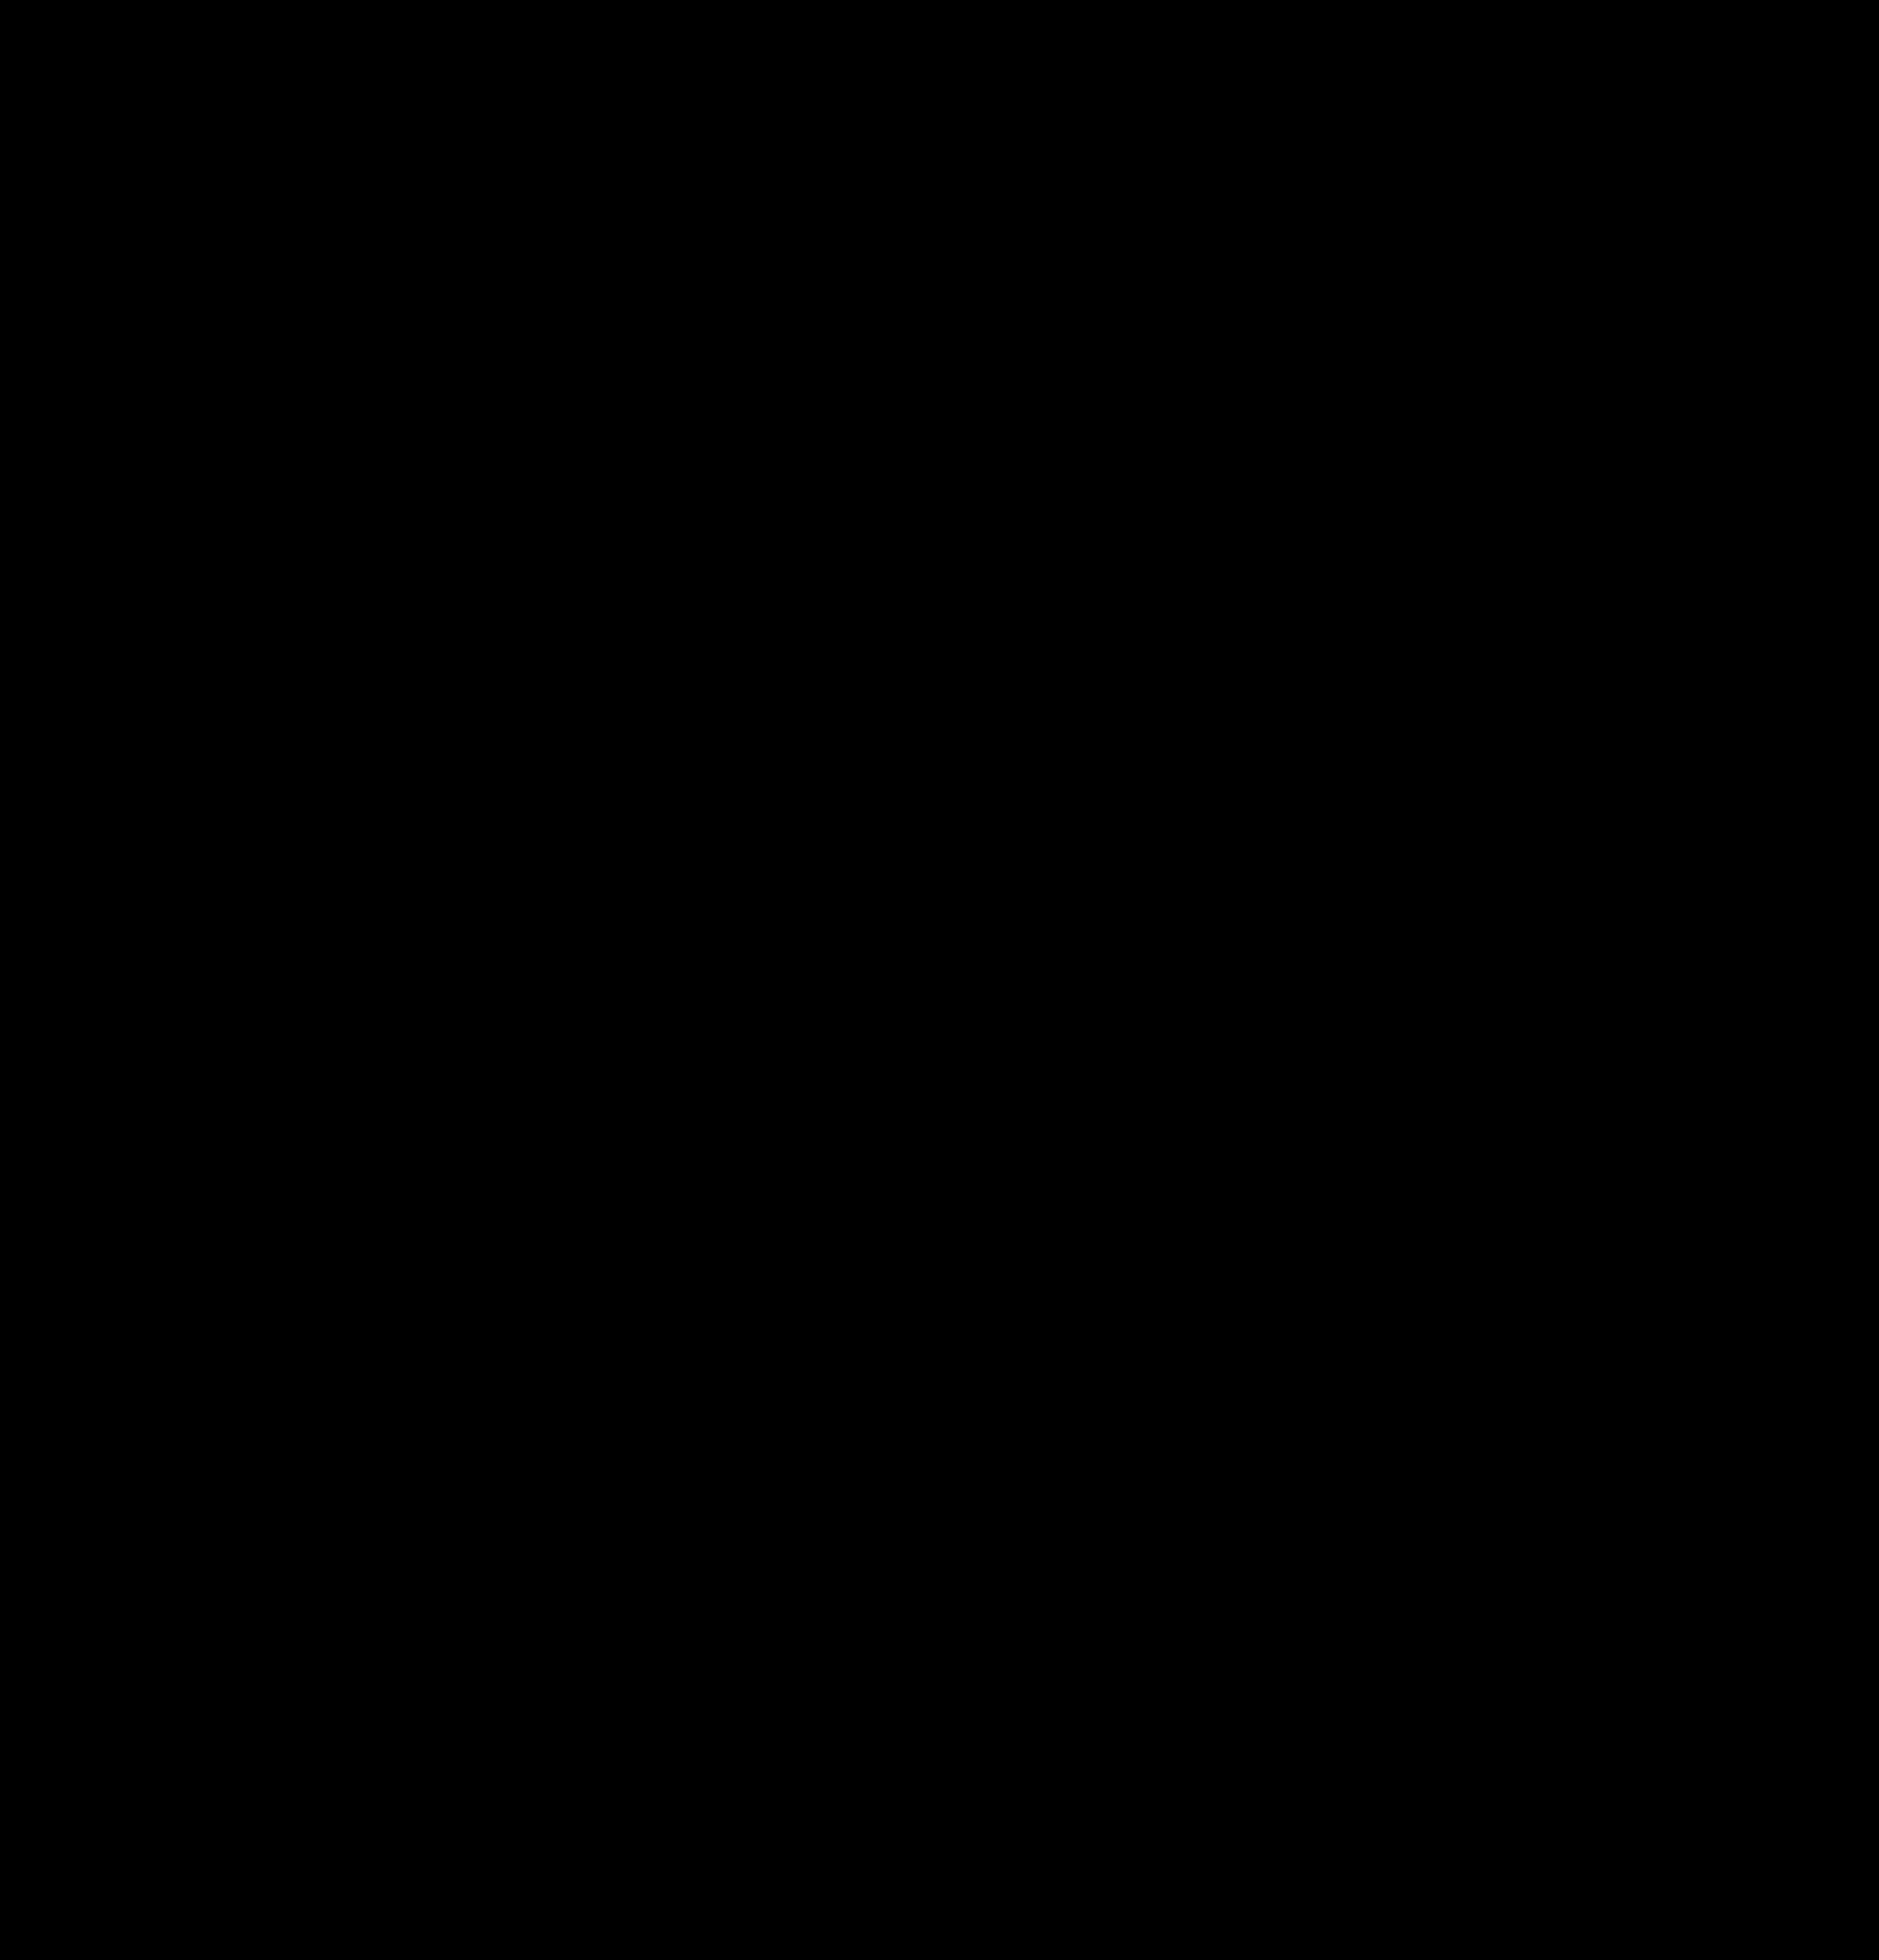 Federación Andaluza de Baloncesto